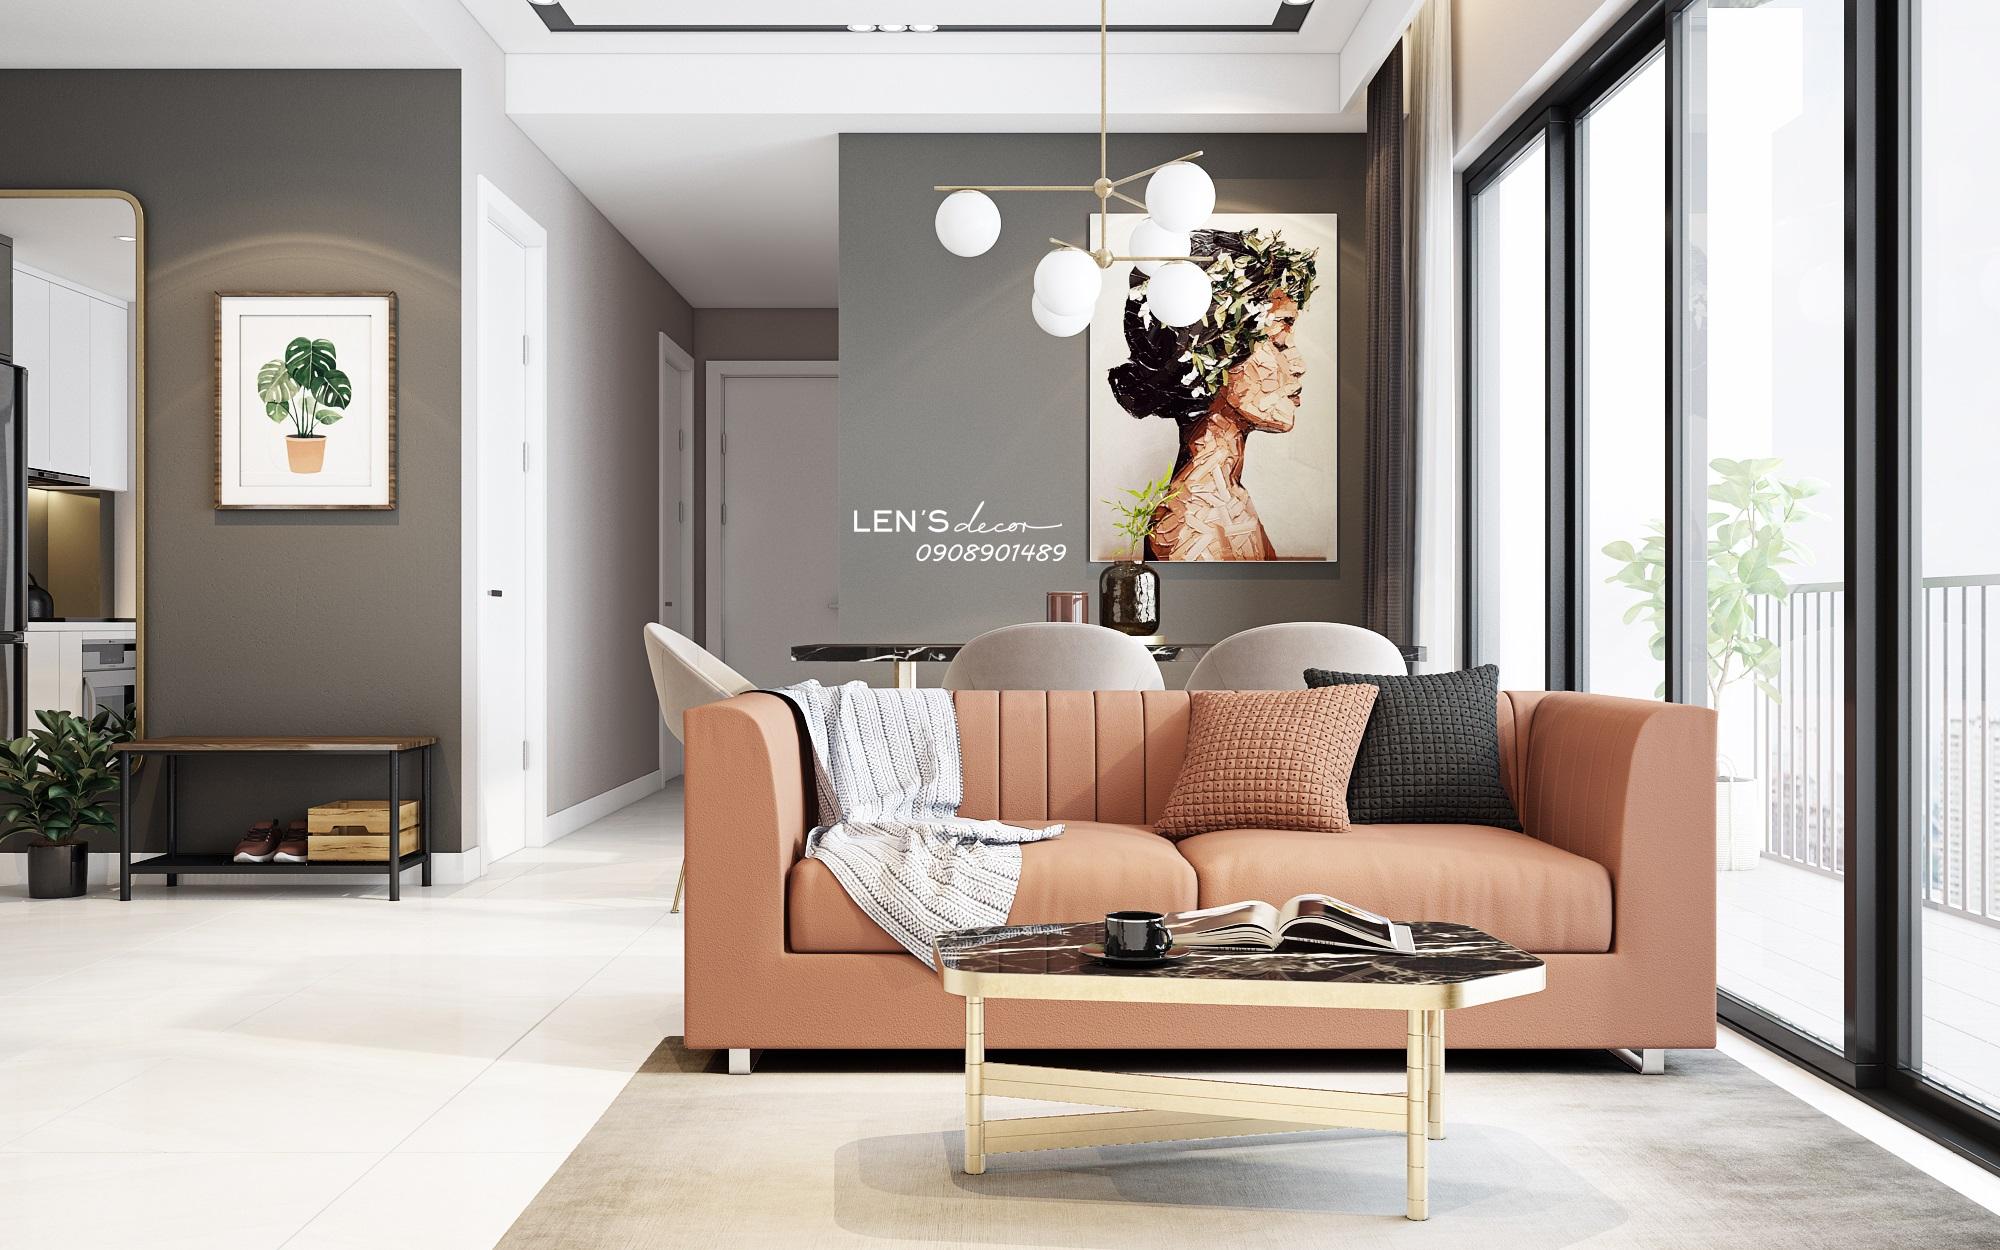 các công ty thiết kế nội thất tại tphcm - HouseDesign